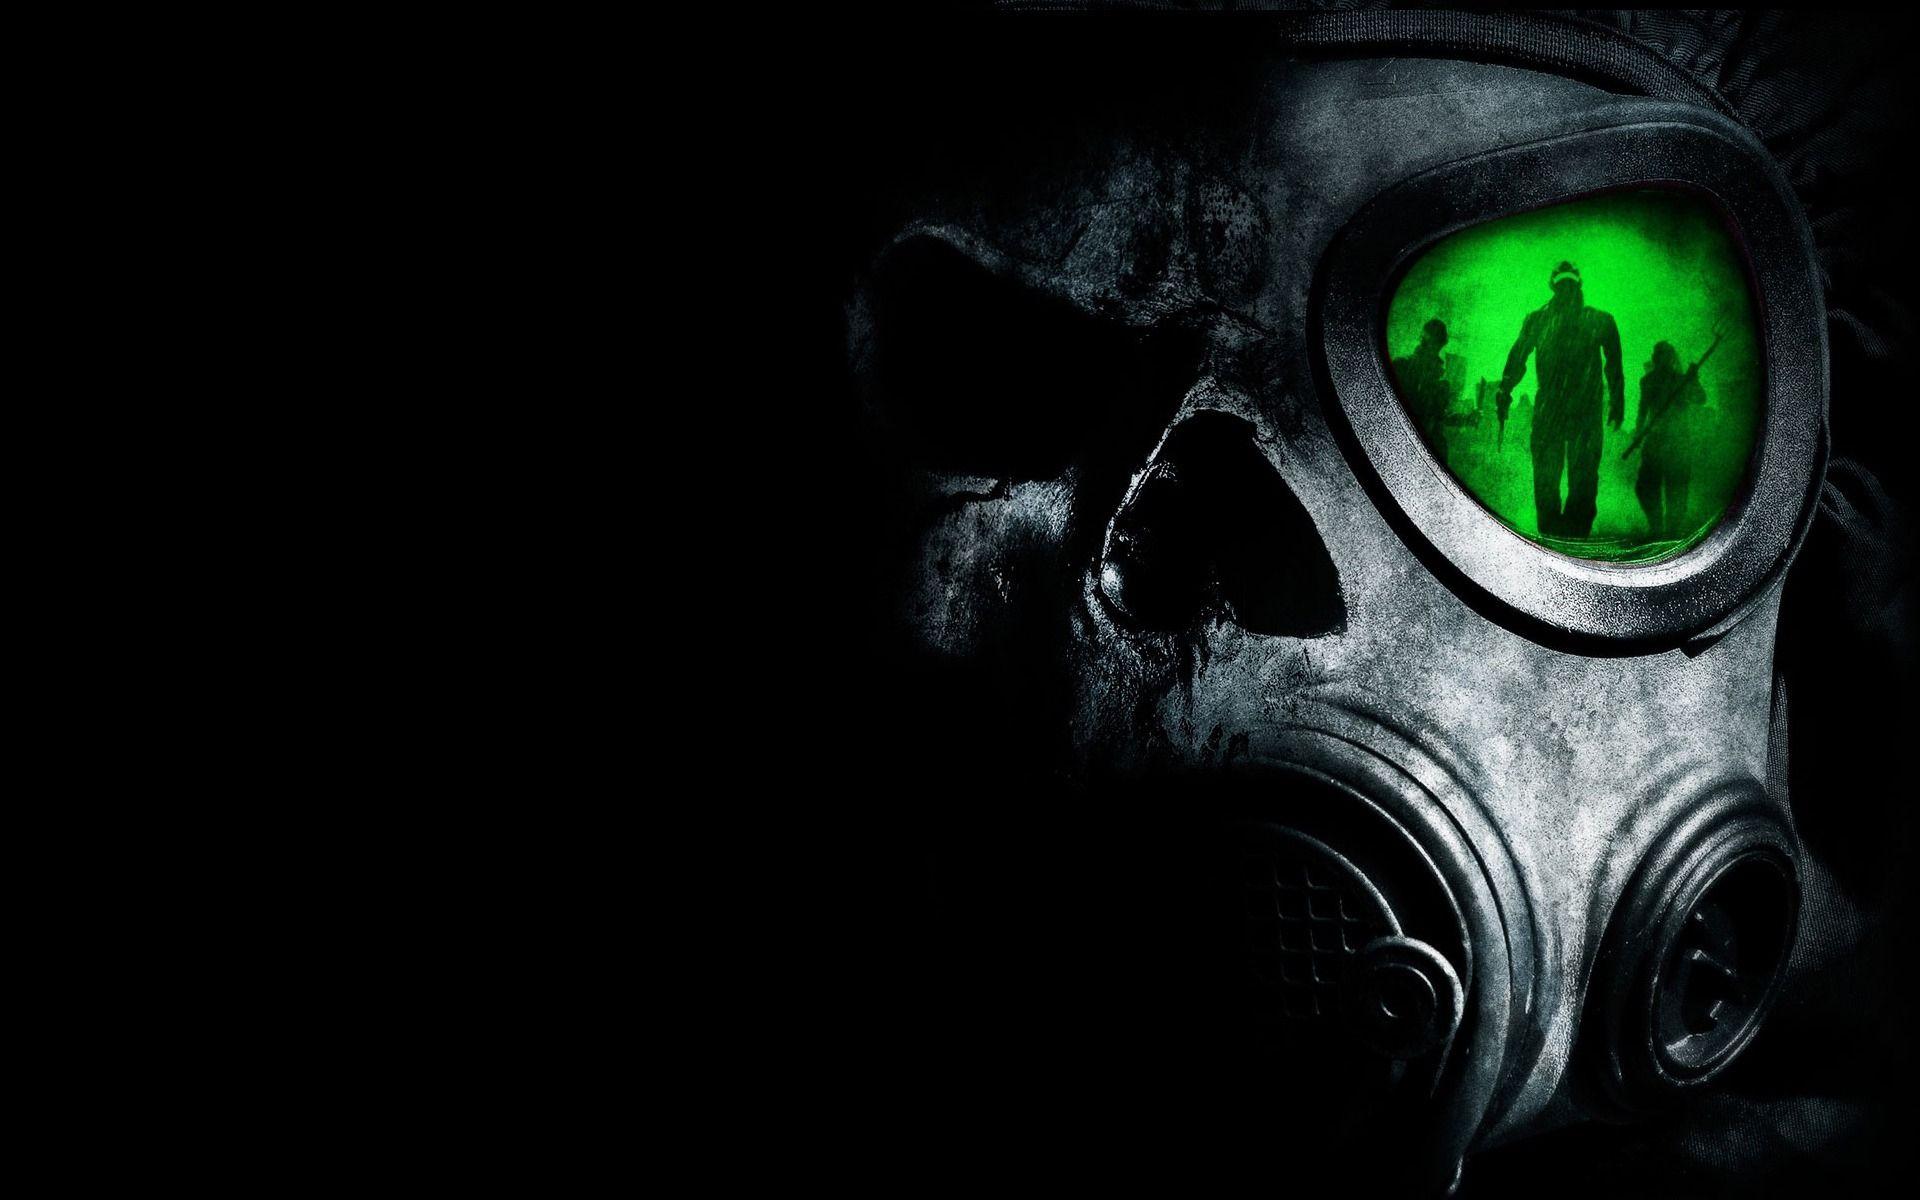 <b>Skull</b> design wallpaper - Vector wallpapers - #26454